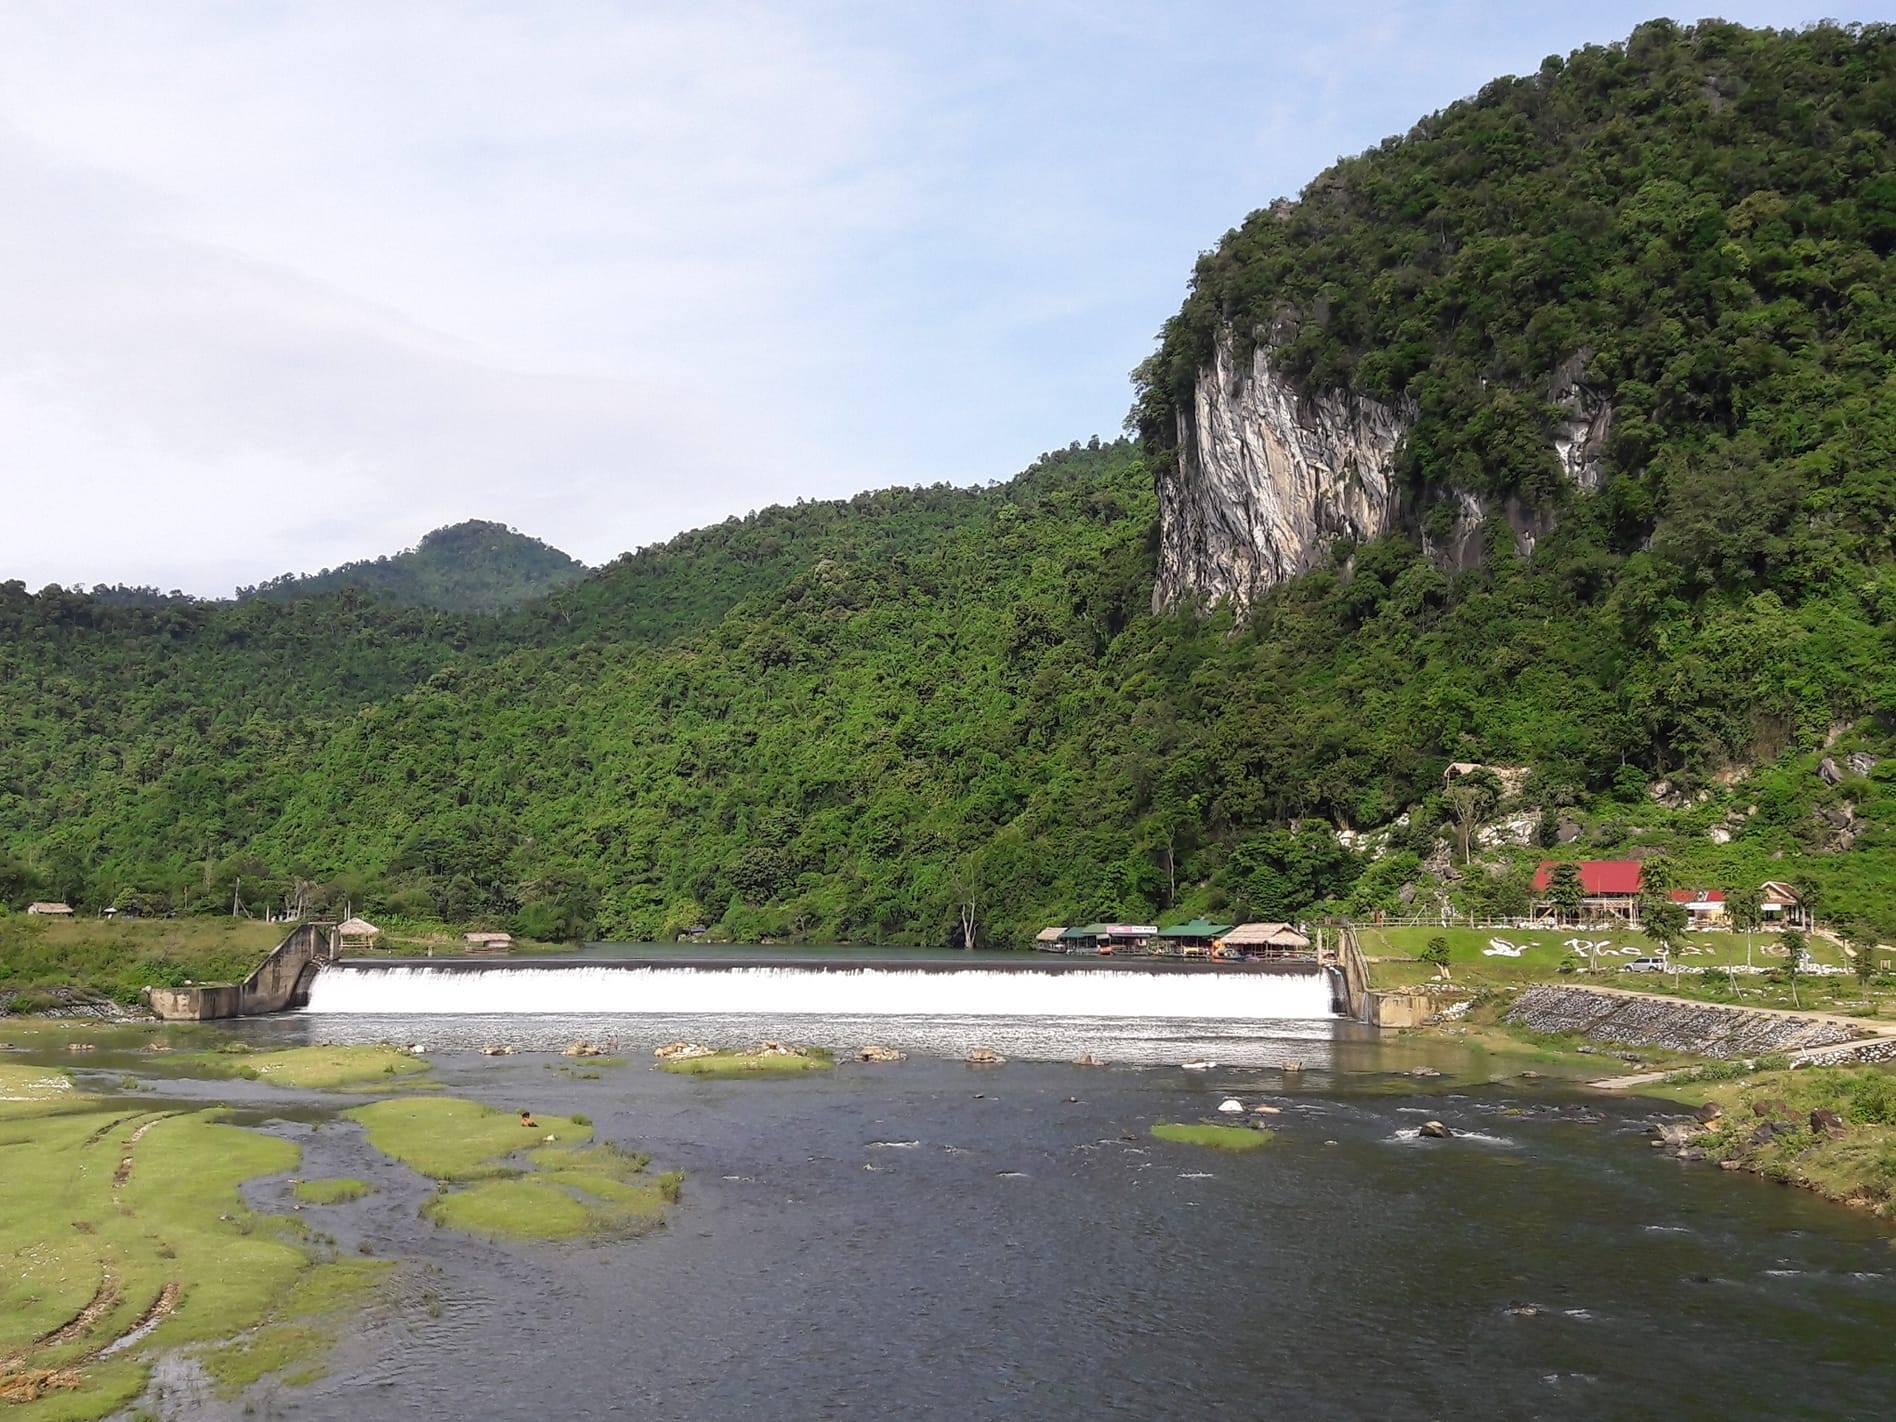 Miền Trung và Tây Nguyên tiếp tục có mưa dông trong những ngày tới